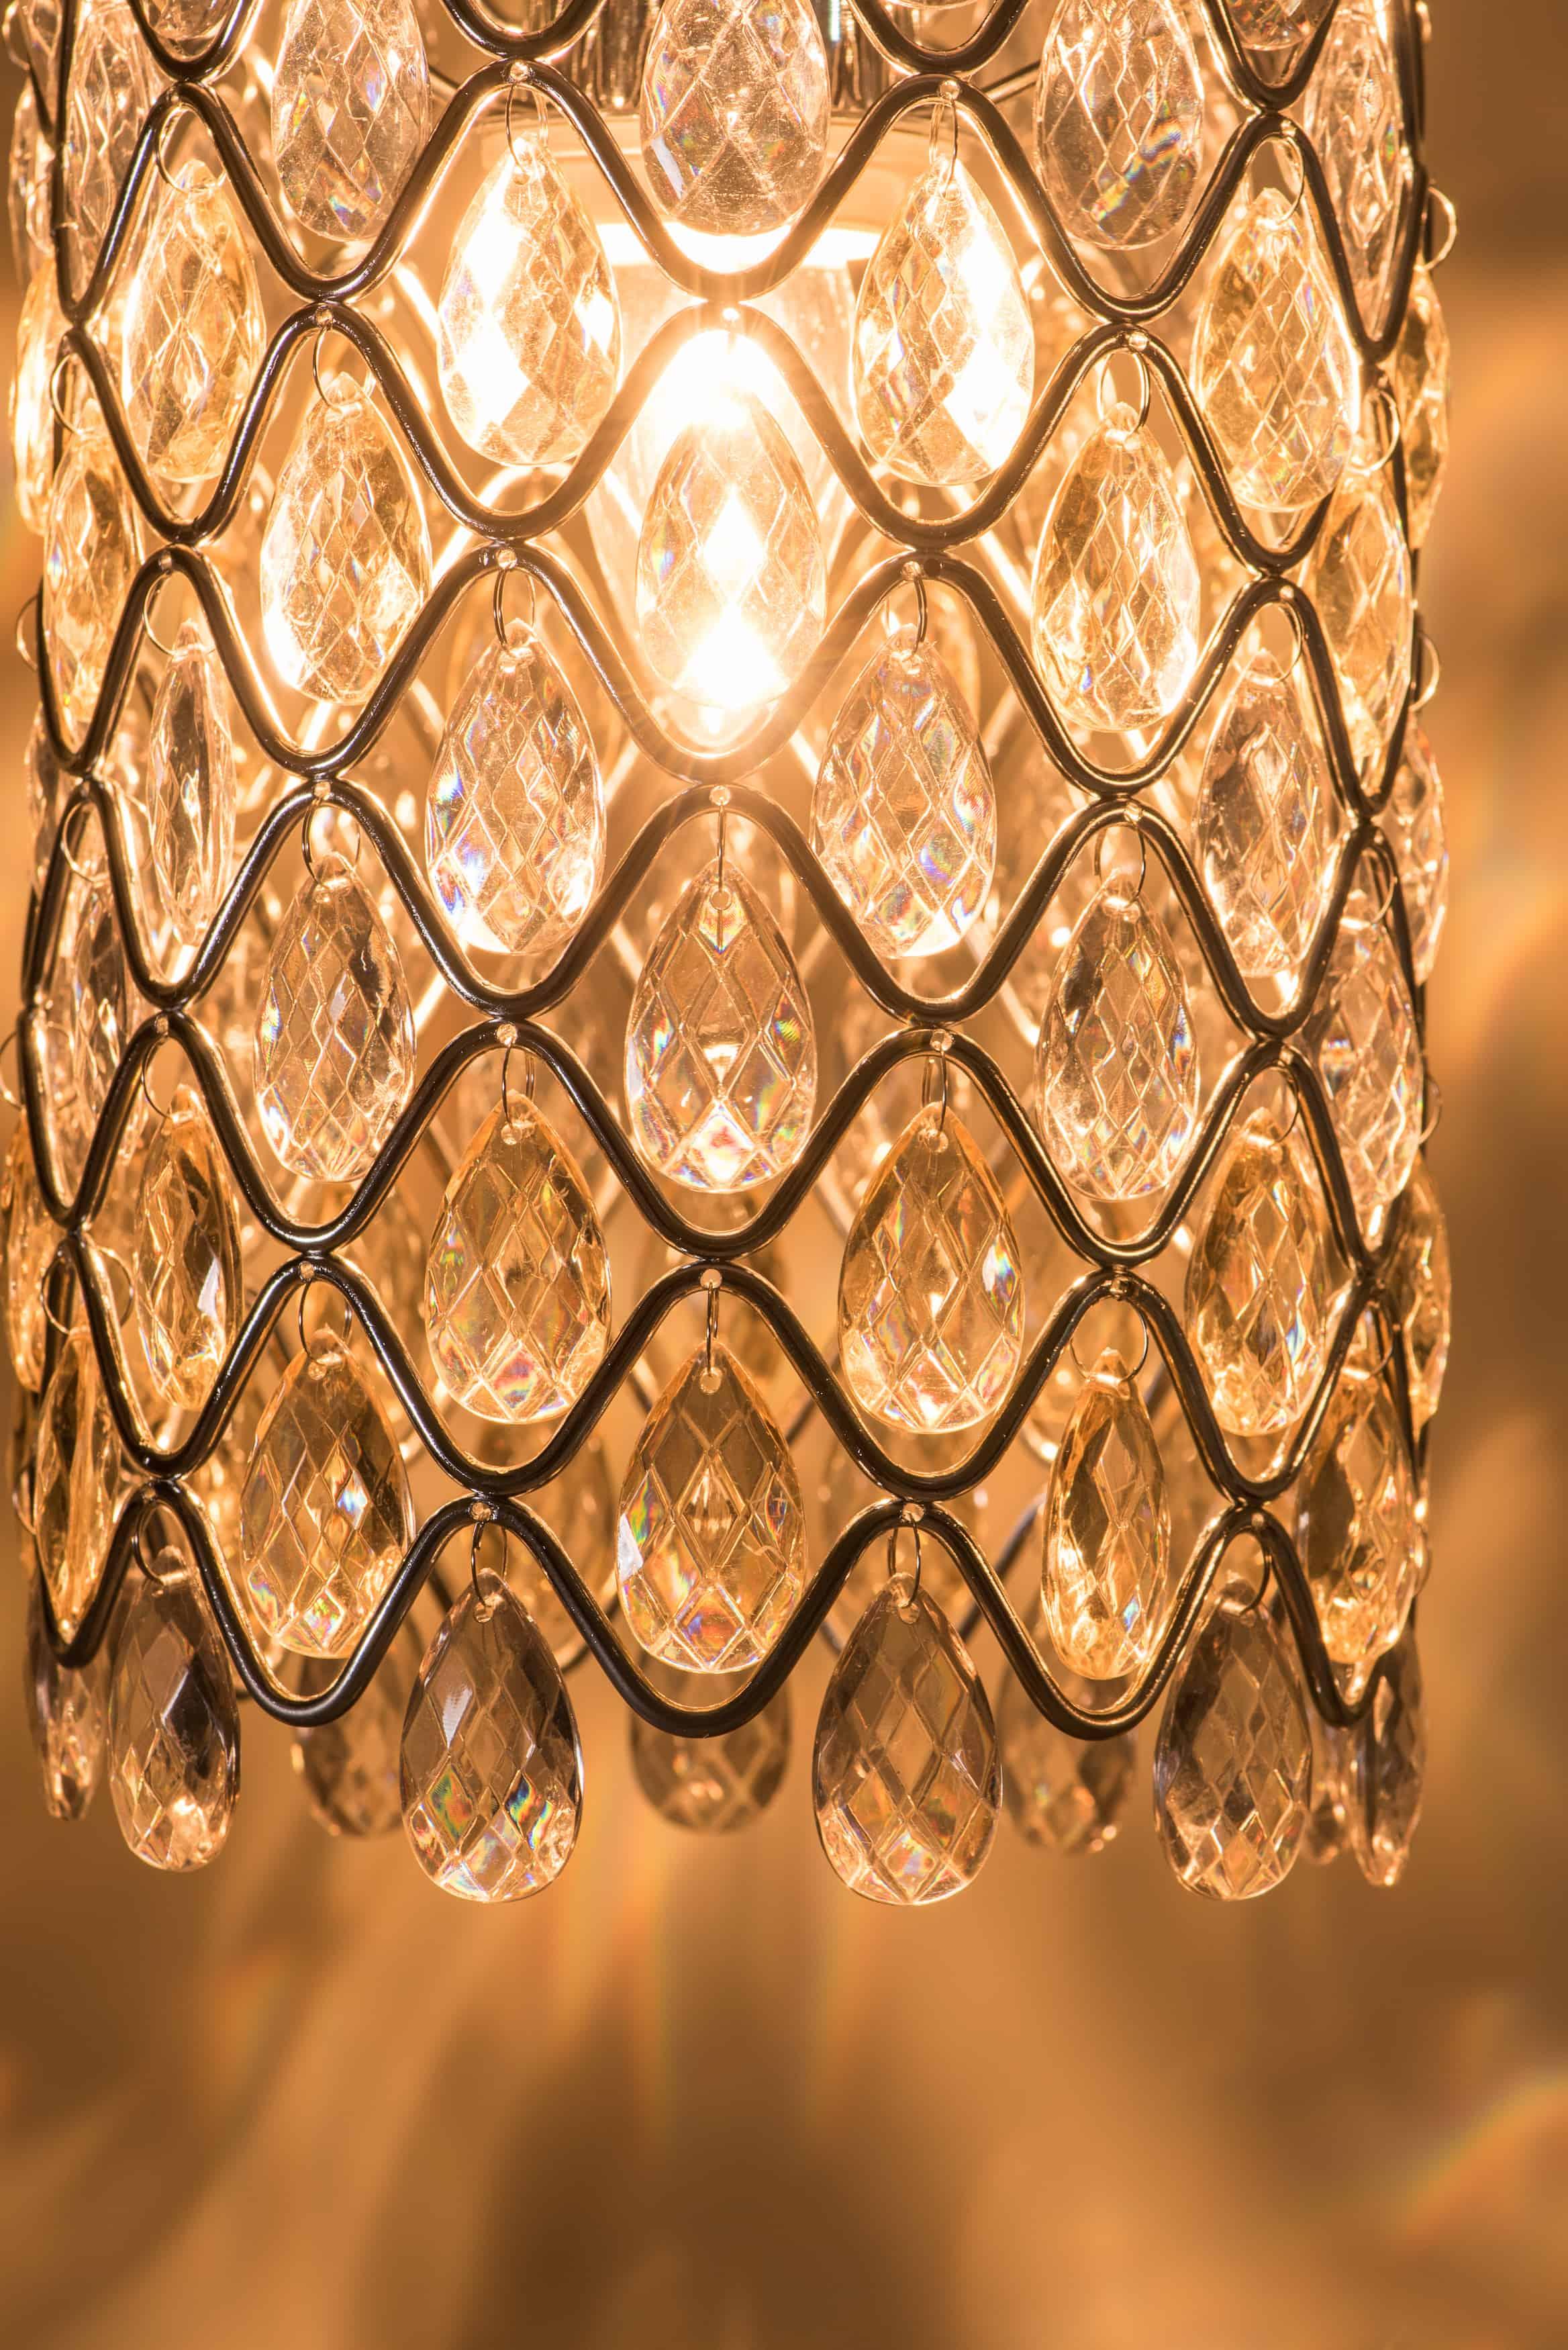 鍍鉻波浪紋壓克力珠吊燈-BNL00051 3